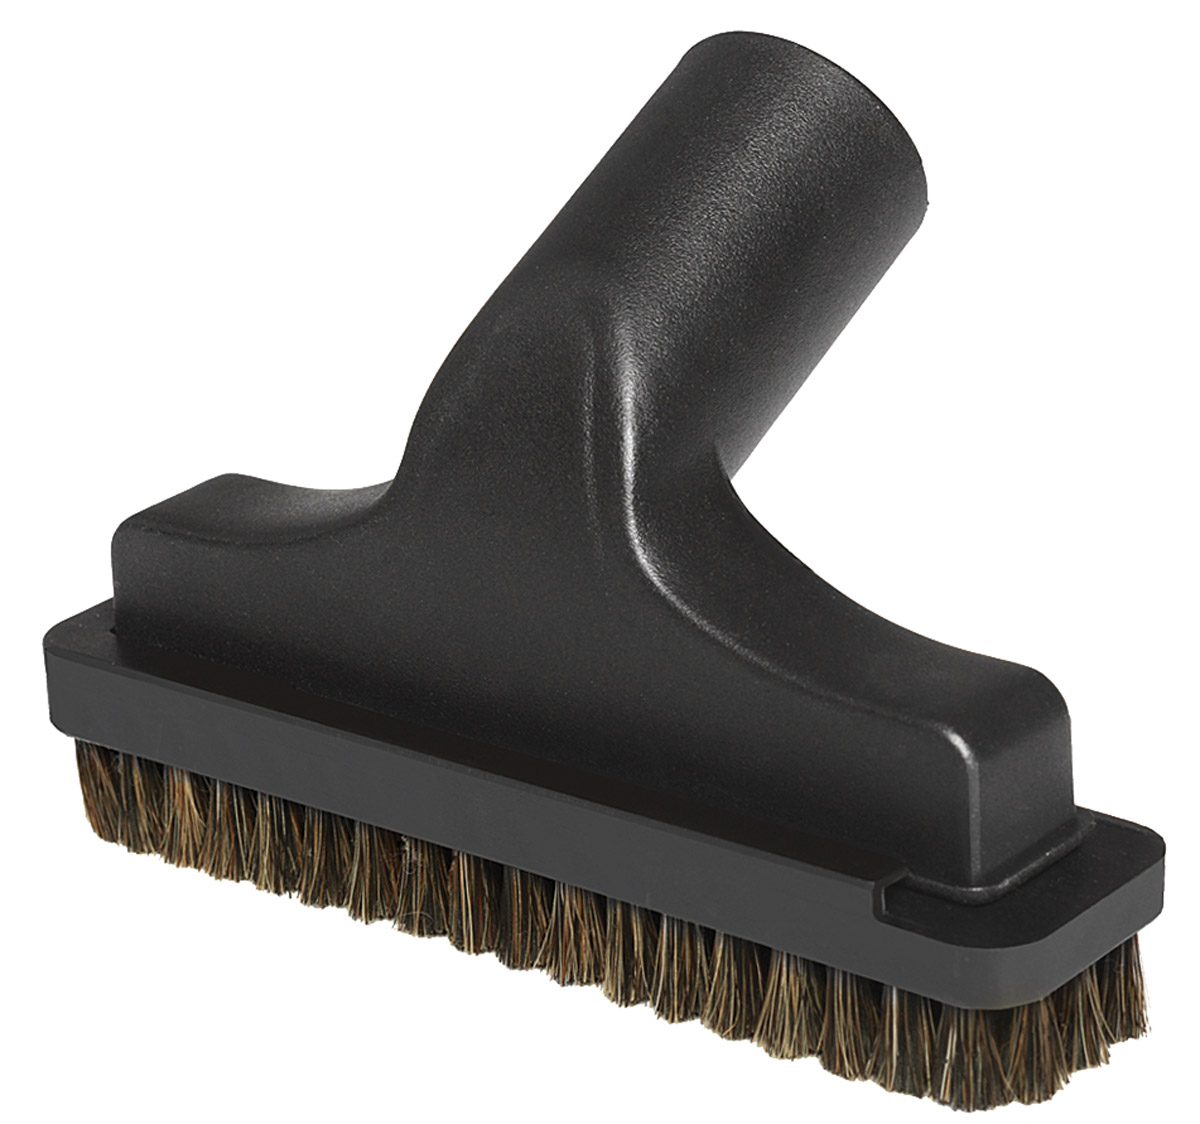 Neolux TN-06 насадка с натуральной щетиной для очистки мягкой мебели и одеждыTN-06Универсальная насадка Neolux TN-06 предназначена для эффективной очистки мягкой мебели и одежды. Для возможности чистки различных типов поверхностей насадка имеет съемную часть с антистатичным, износоустойчивым, мягким ворсом из натуральной щетины.Предназначена для пылесосов с диаметром удлинительной трубки 32 мм. Для использования с пылесосами с диаметром удлинительной трубки 35 мм. комплектуется переходником.